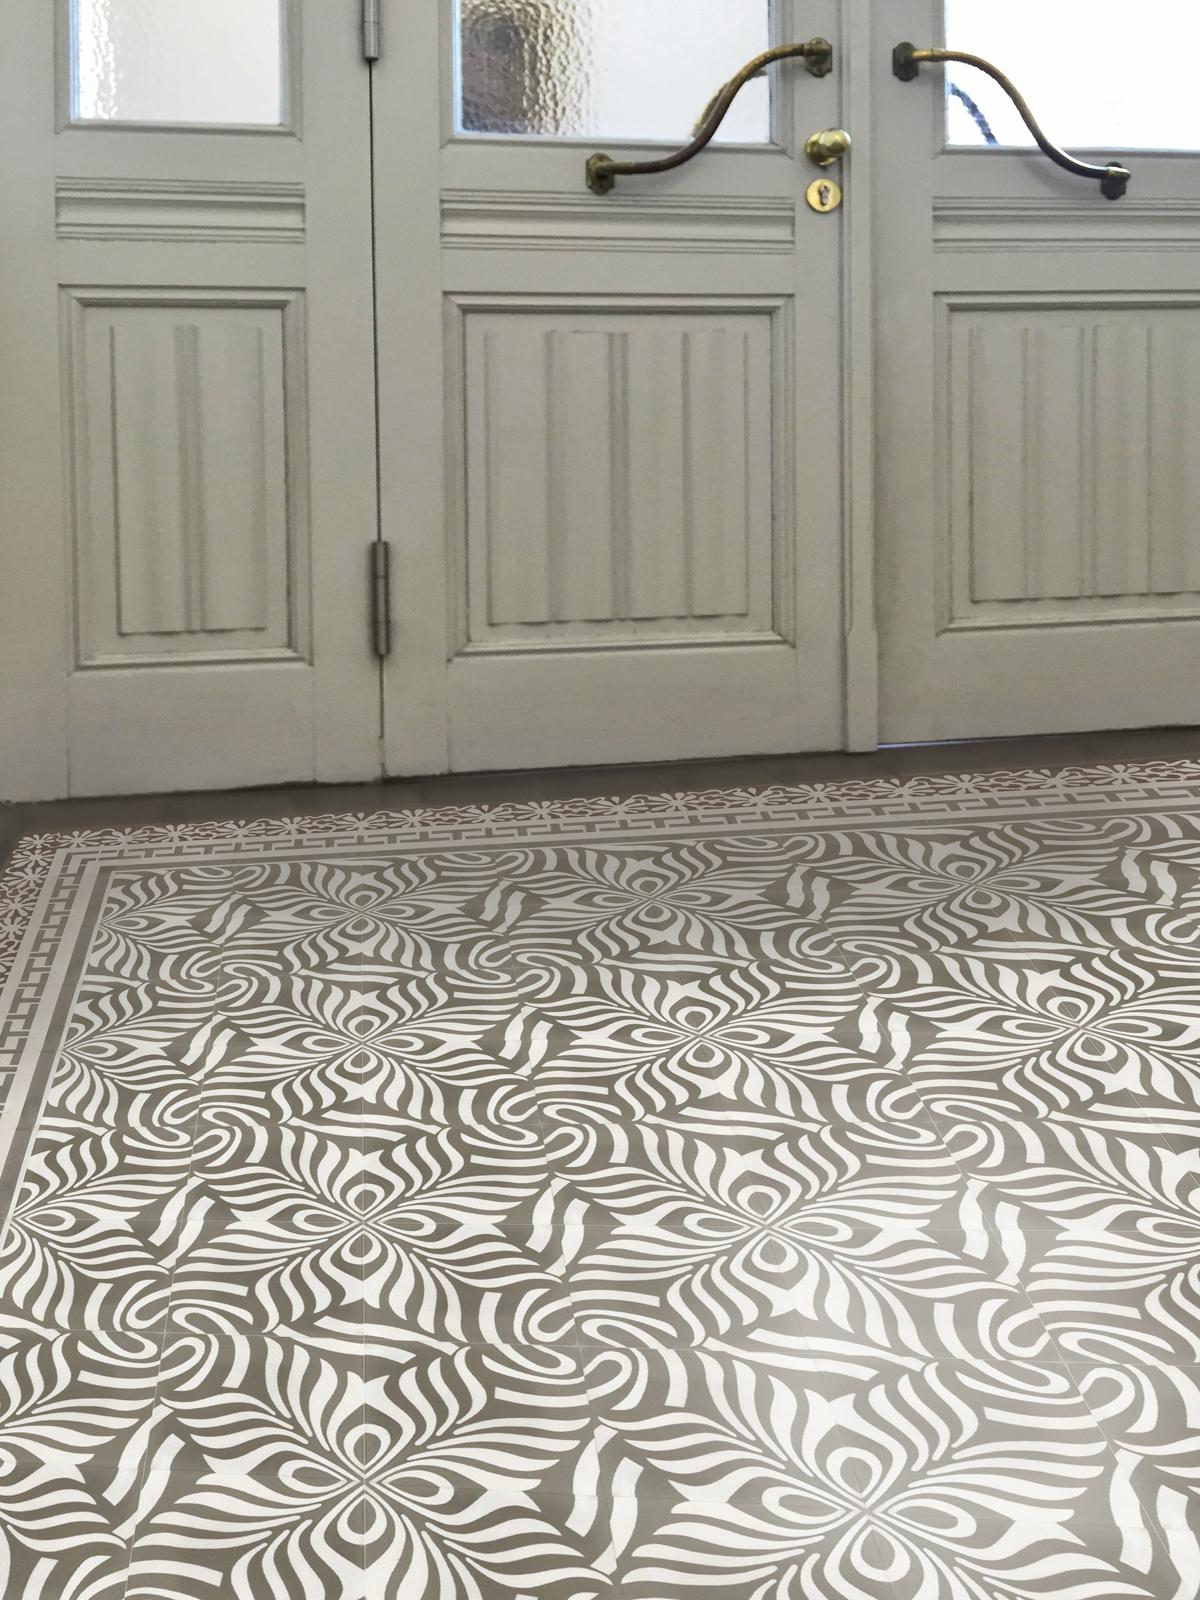 zementmosaikplatten-nr.51128-54-eingang-viaplatten | 51128-54